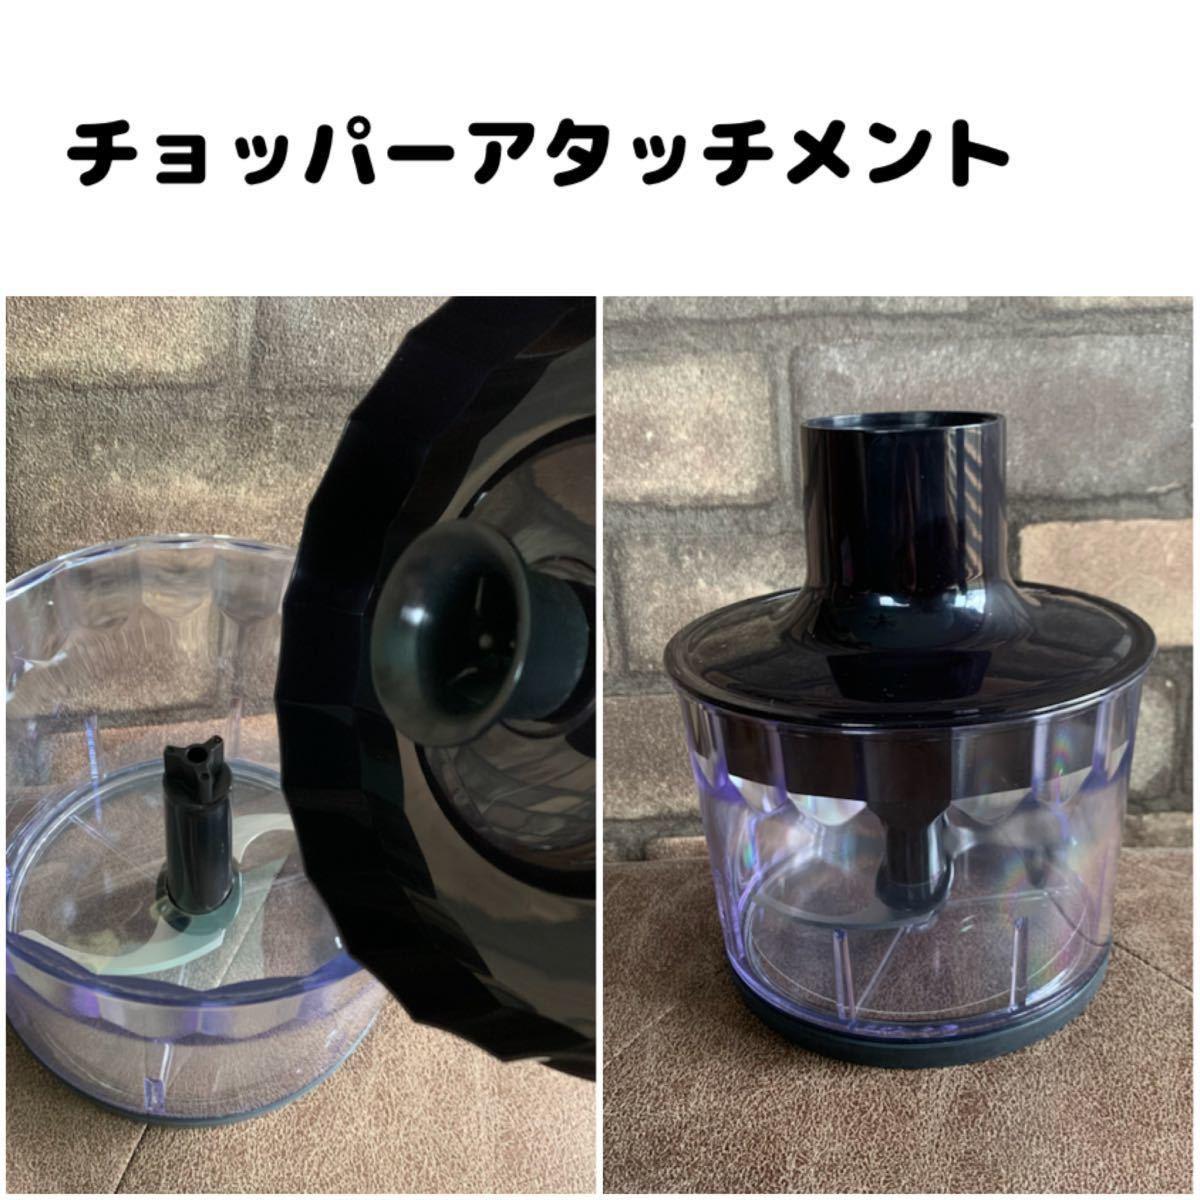 【美品】Panasonic ハンドブレンダー ミキサー MX-S300離乳食作り ブラック  フードプロセッサー ハンドミキサー